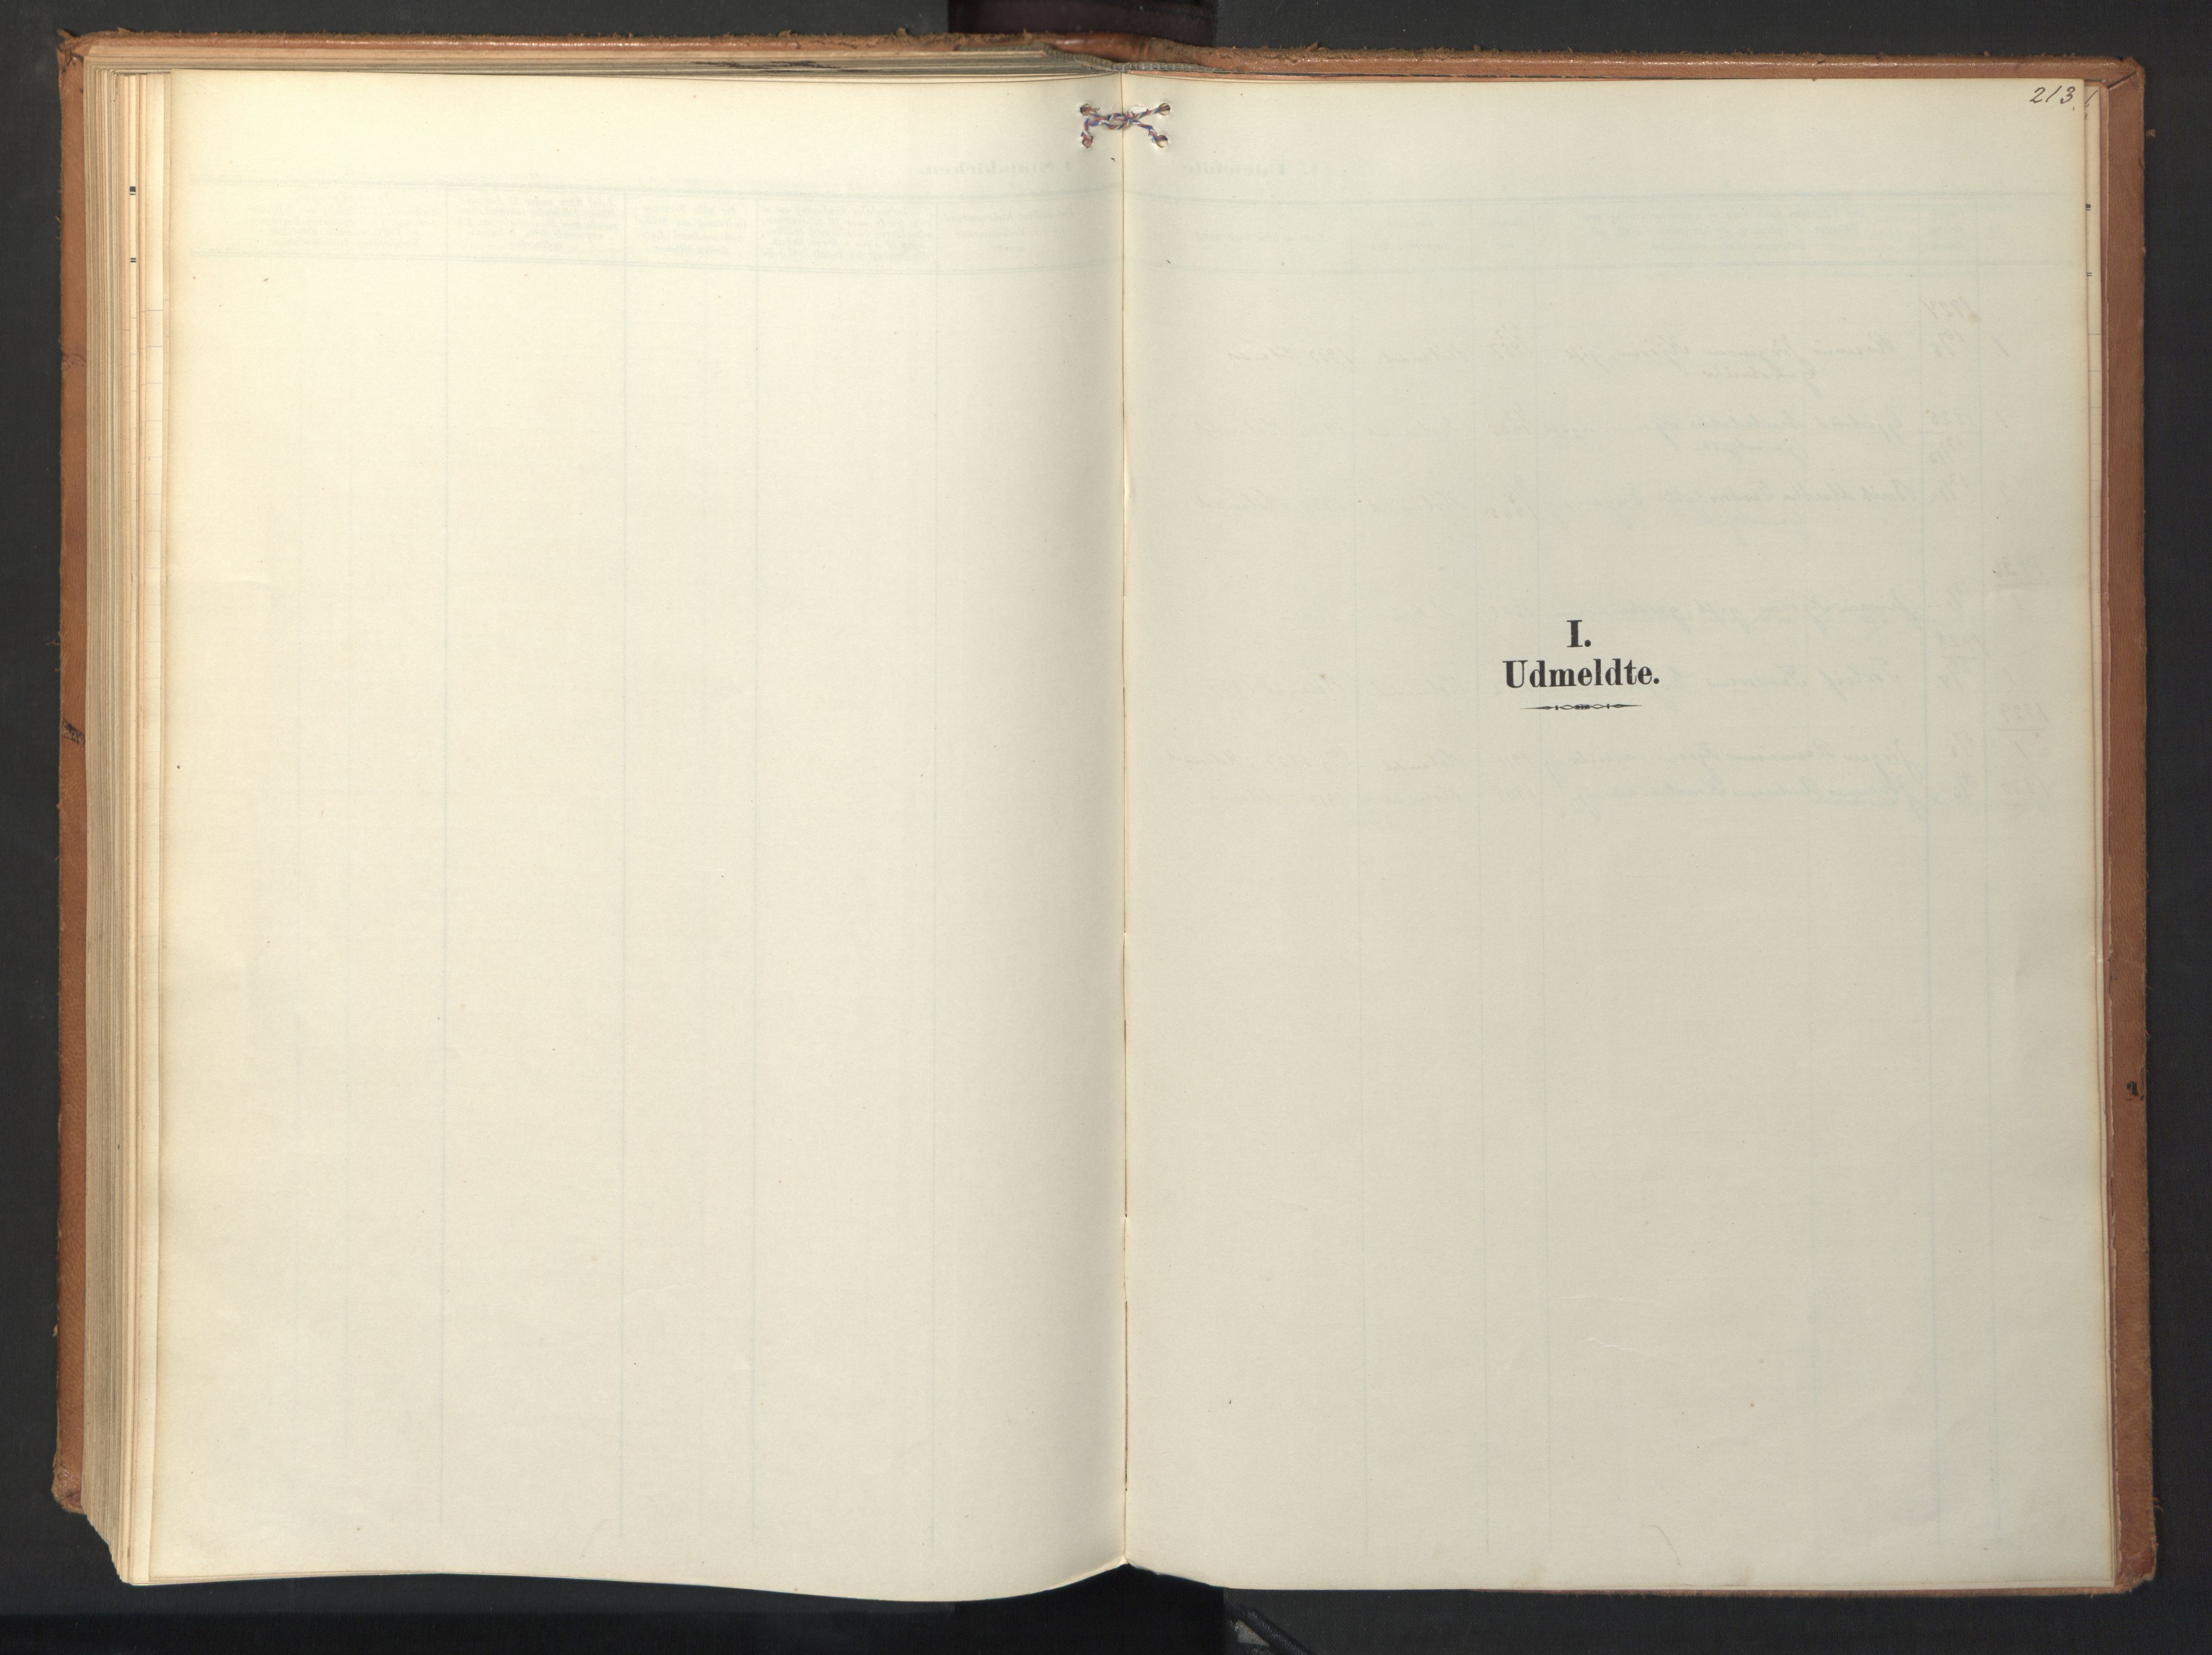 SAT, Ministerialprotokoller, klokkerbøker og fødselsregistre - Sør-Trøndelag, 694/L1128: Ministerialbok nr. 694A02, 1906-1931, s. 213